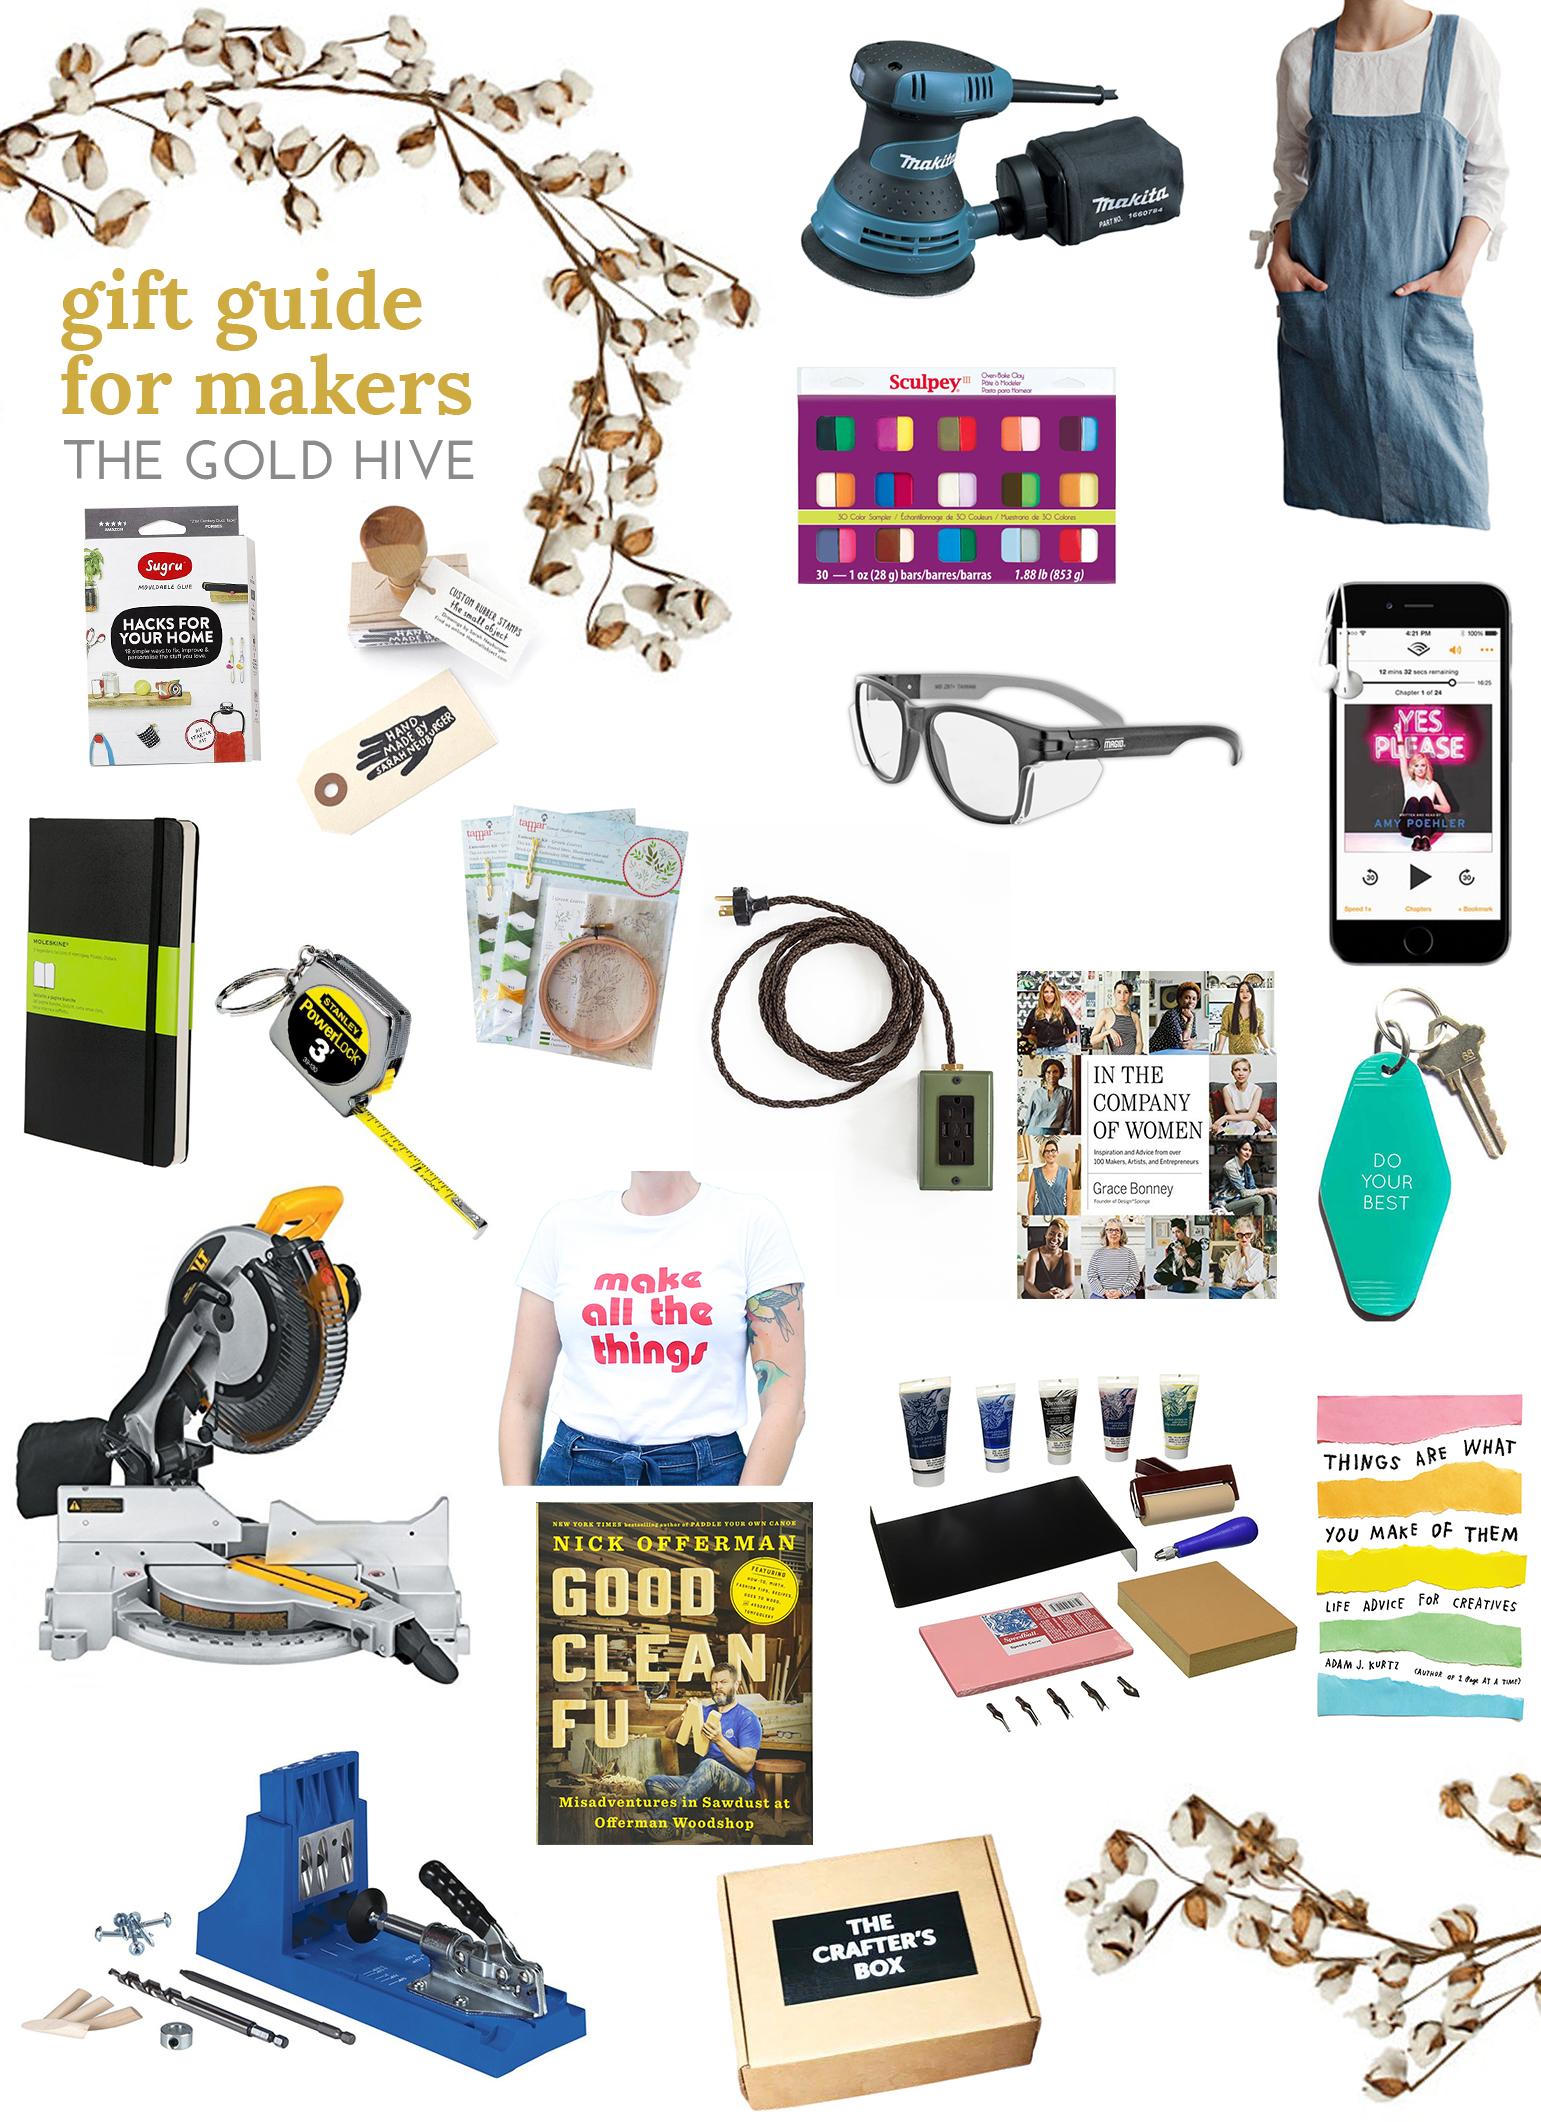 gift guide for makers.jpg